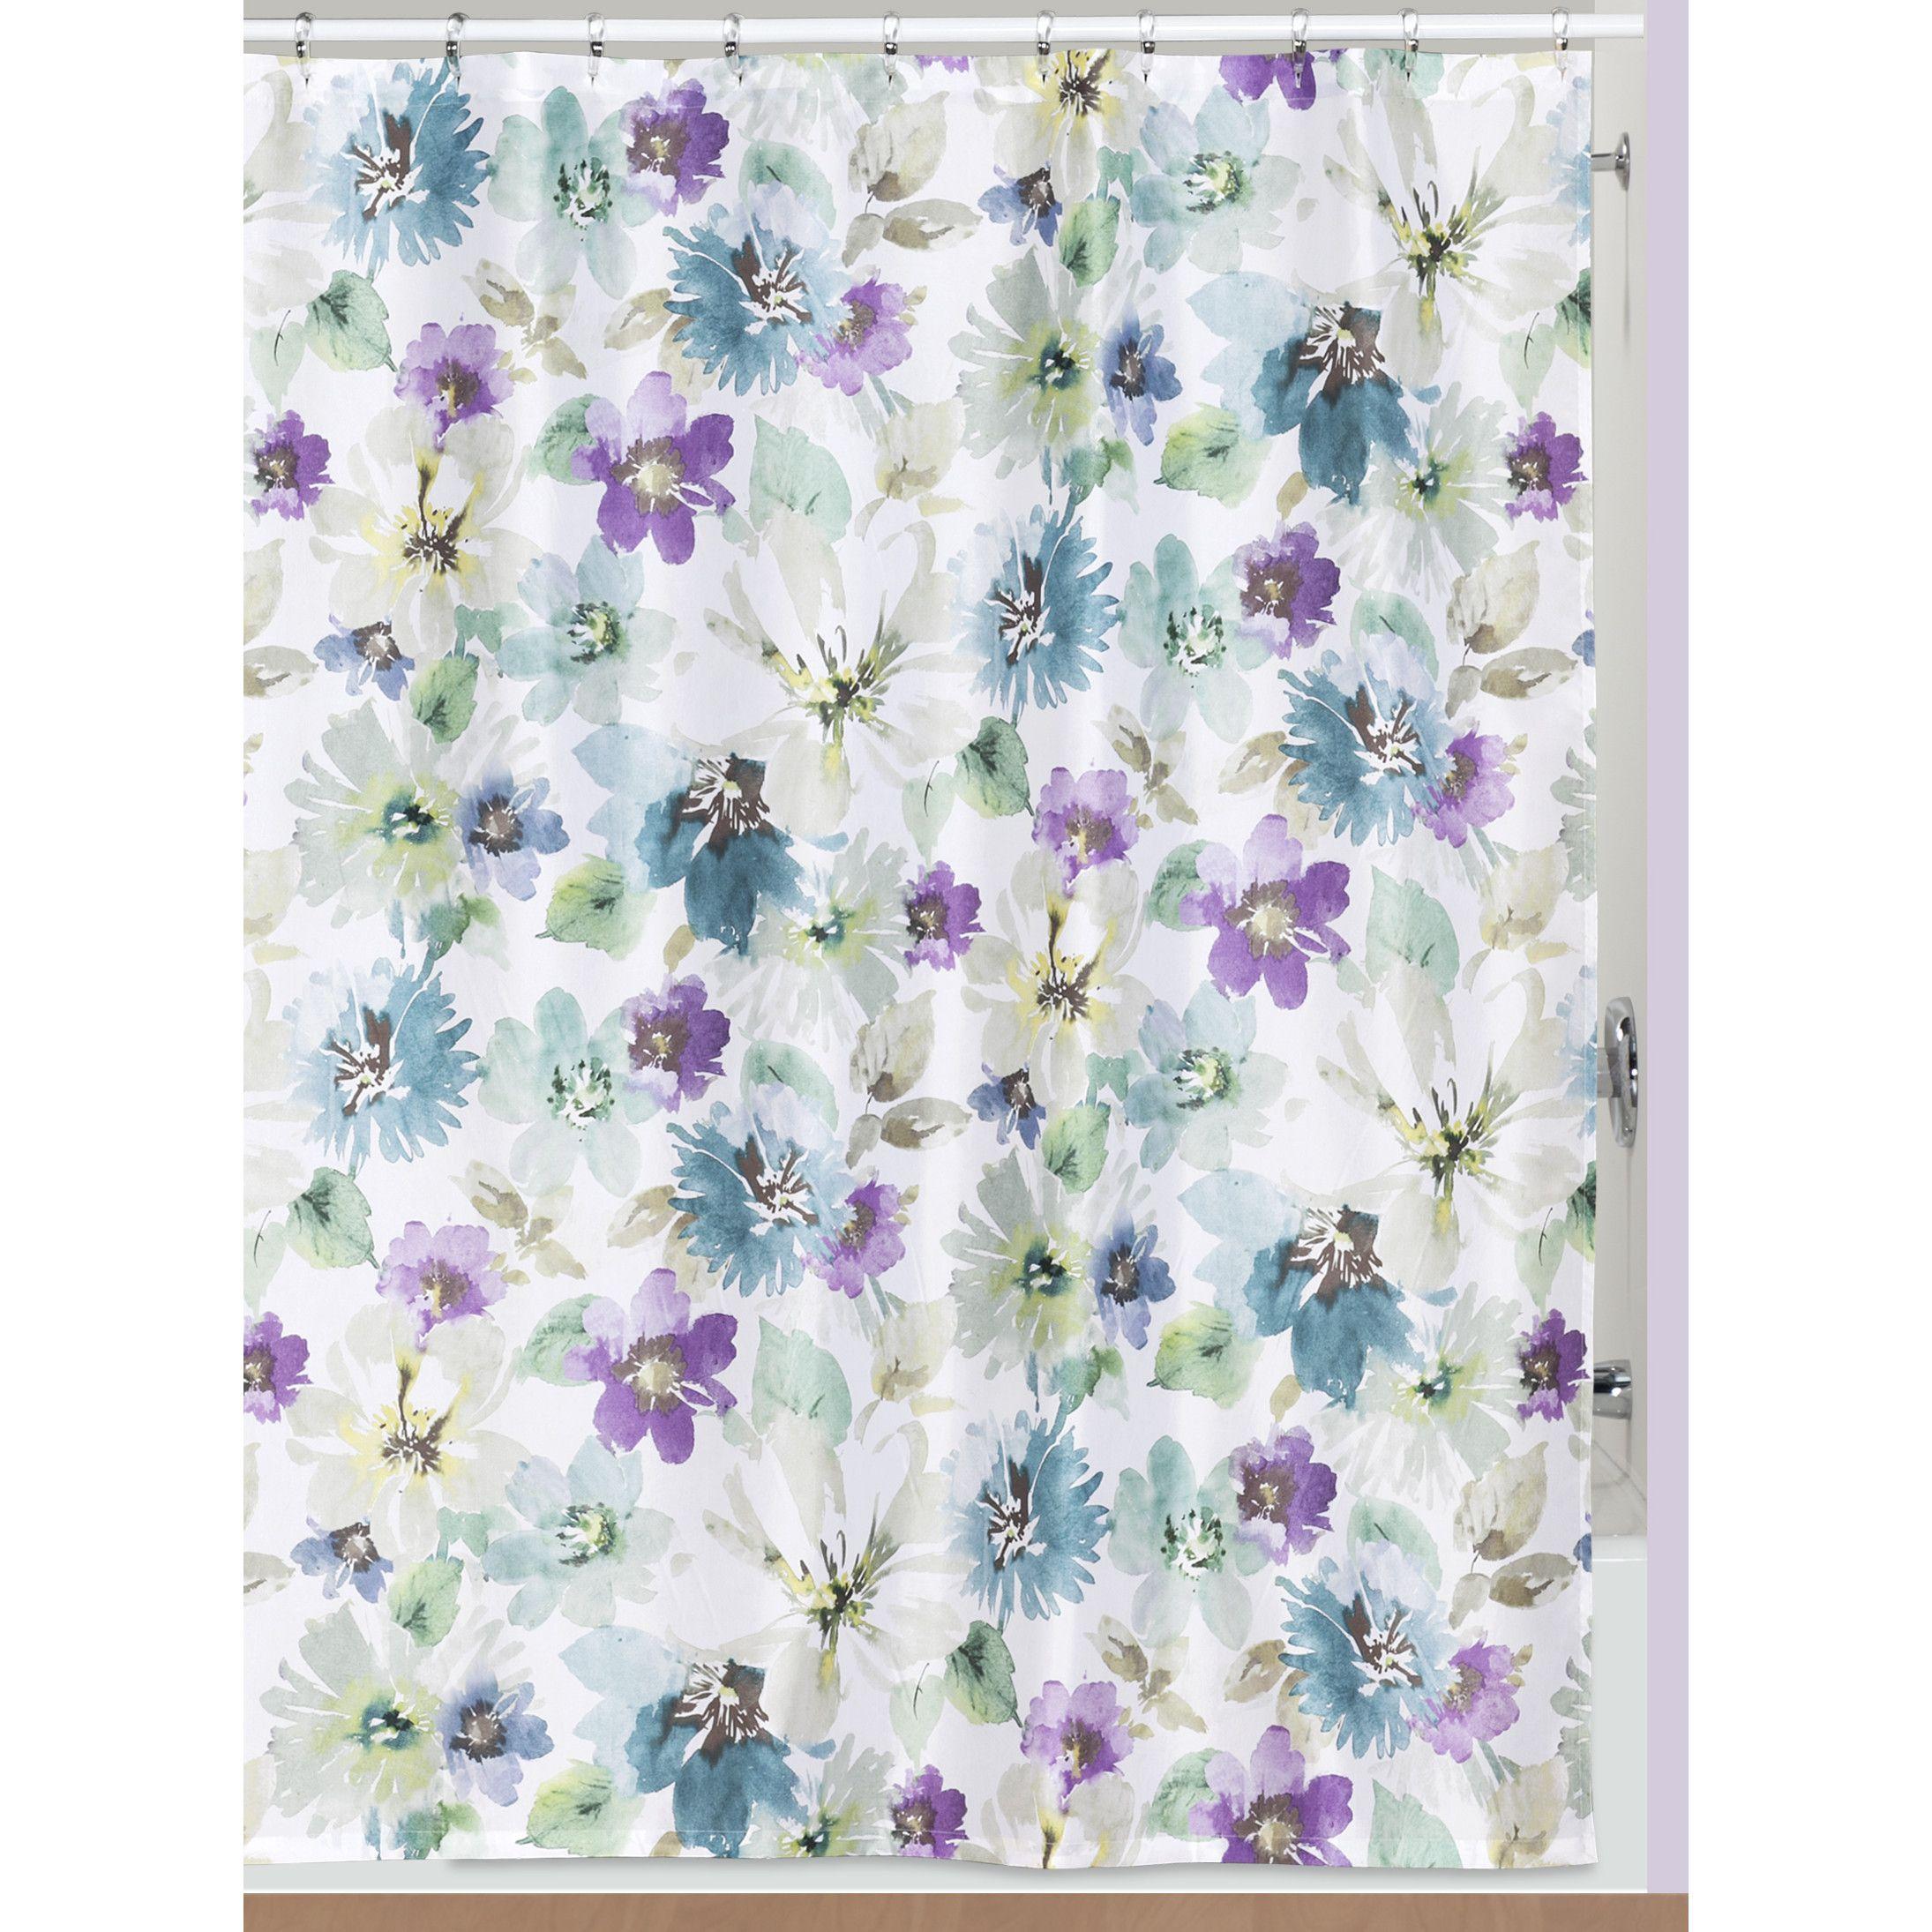 Creative Shower Curtain Ideas for Your Bathroom #Shower+Curtain ...